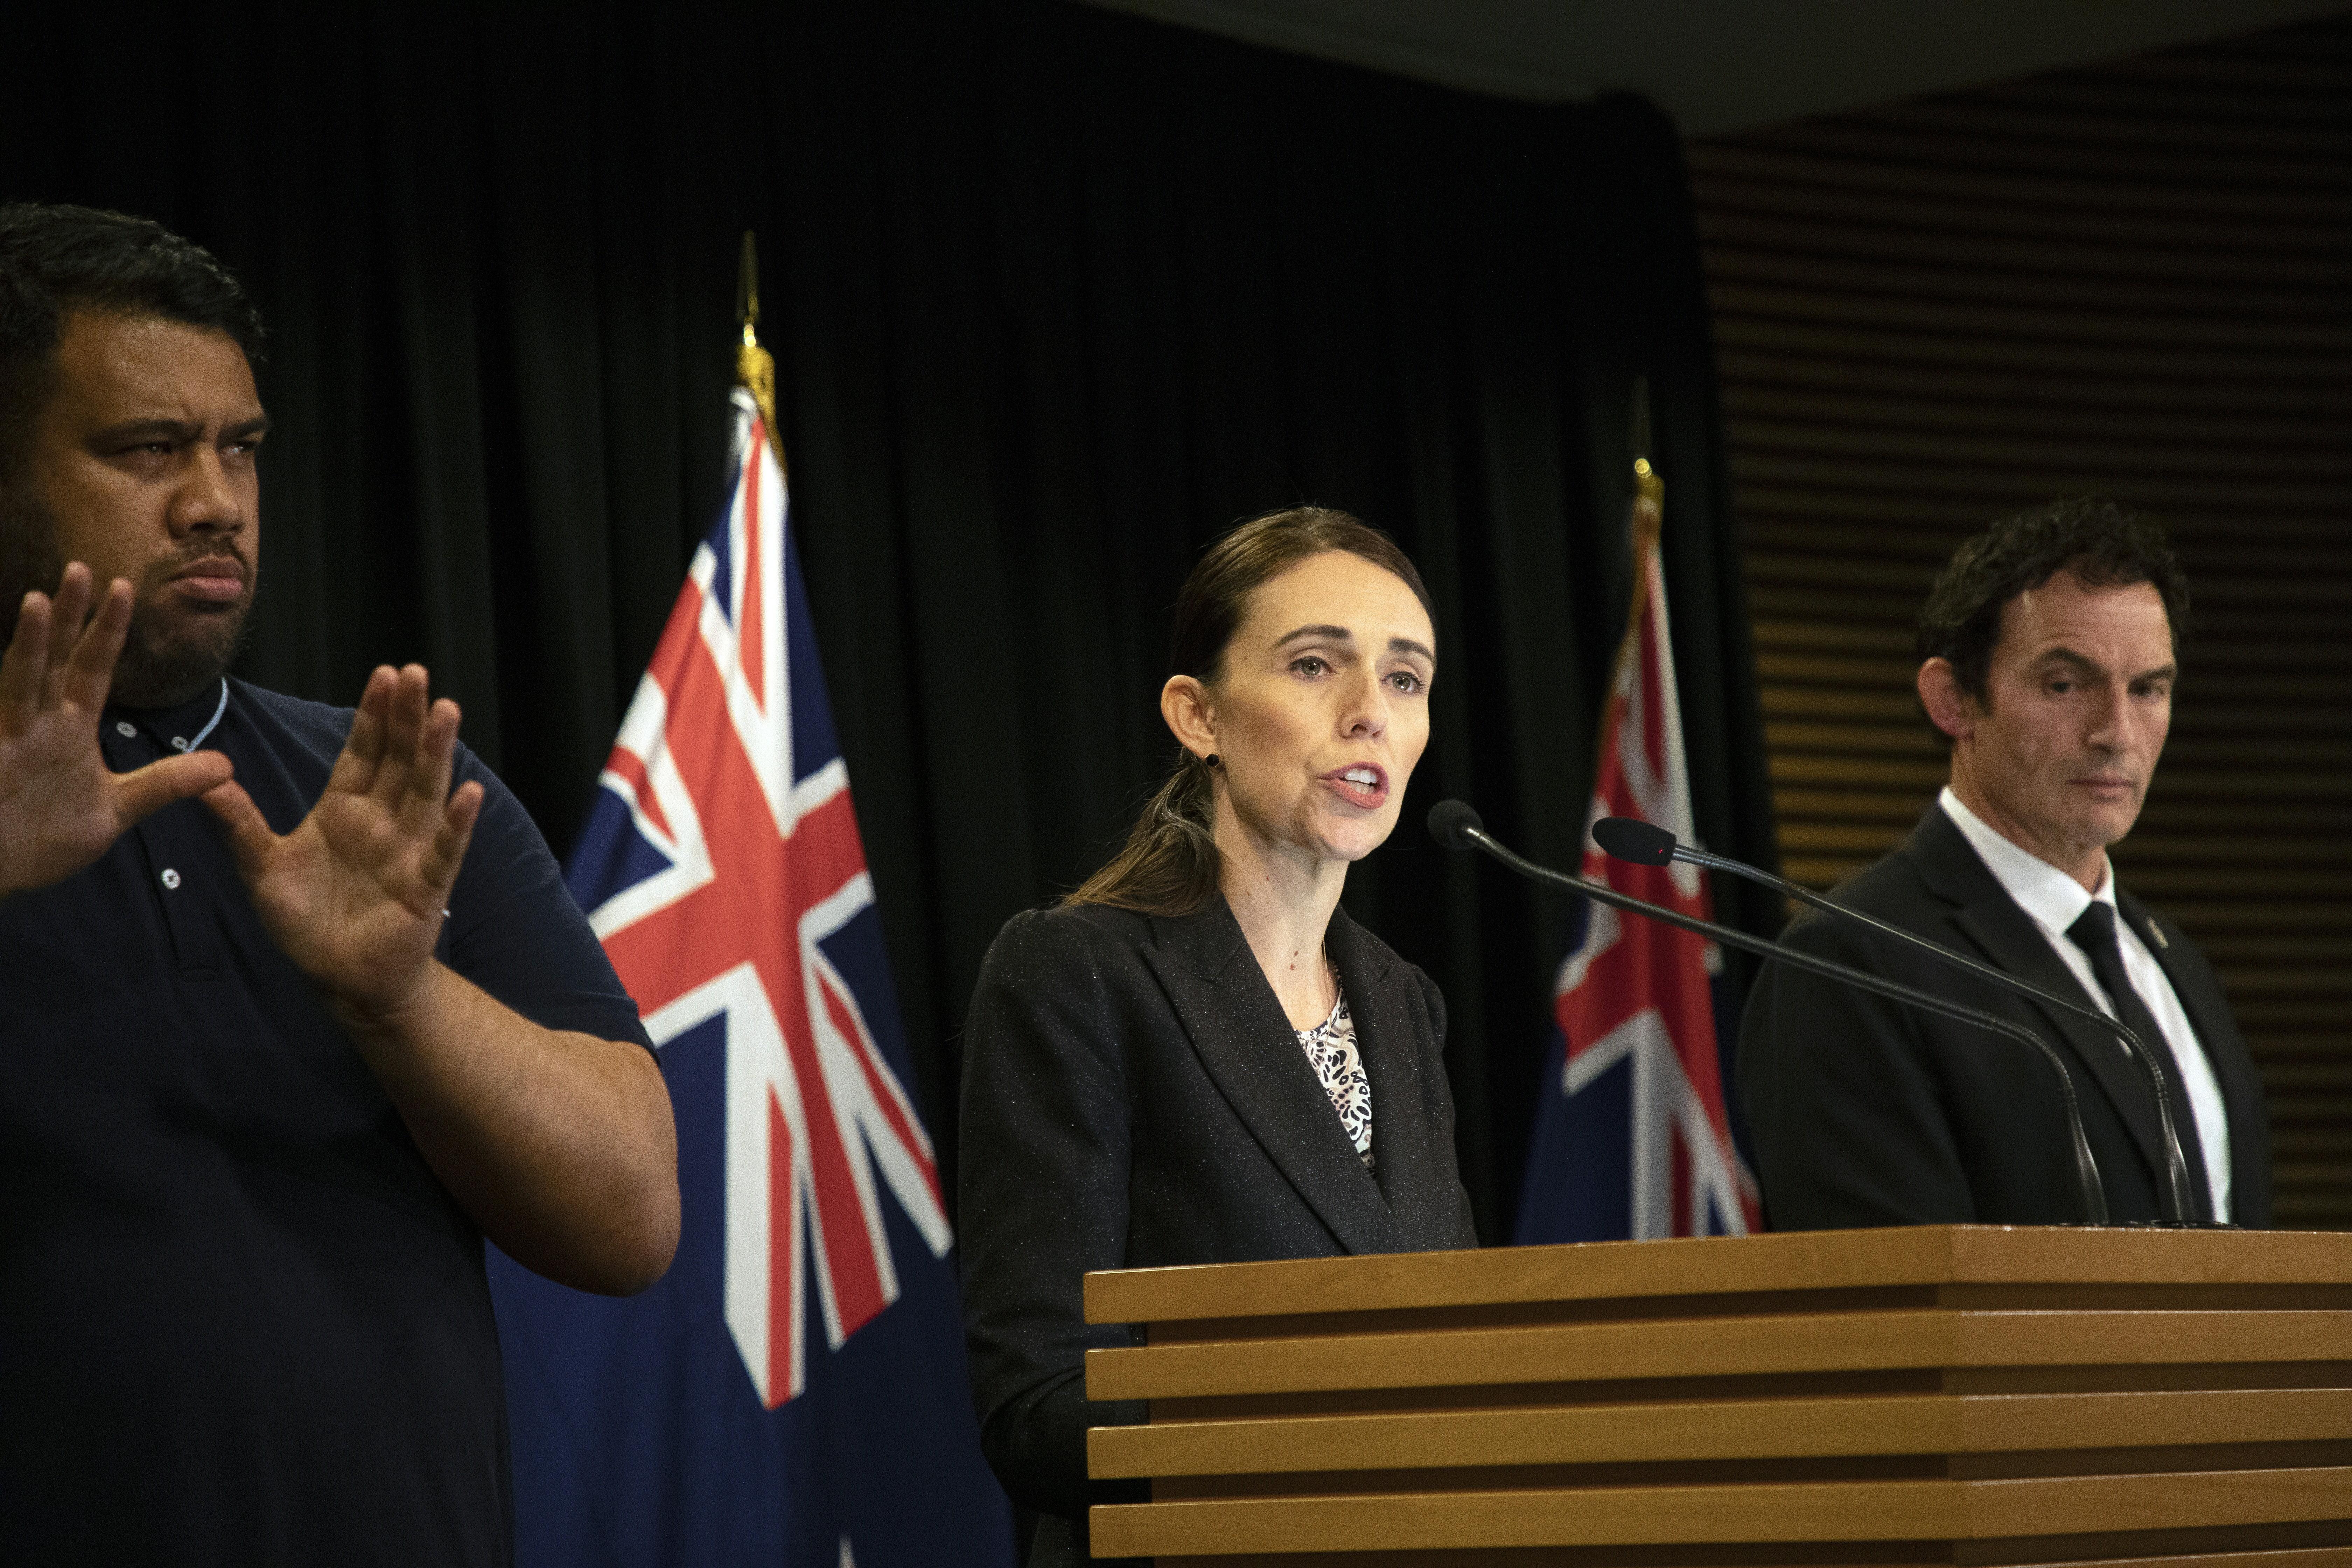 Új-Zélandon találtak egy fertőzöttet, ezért elrendelték a legszigorúbb karantént